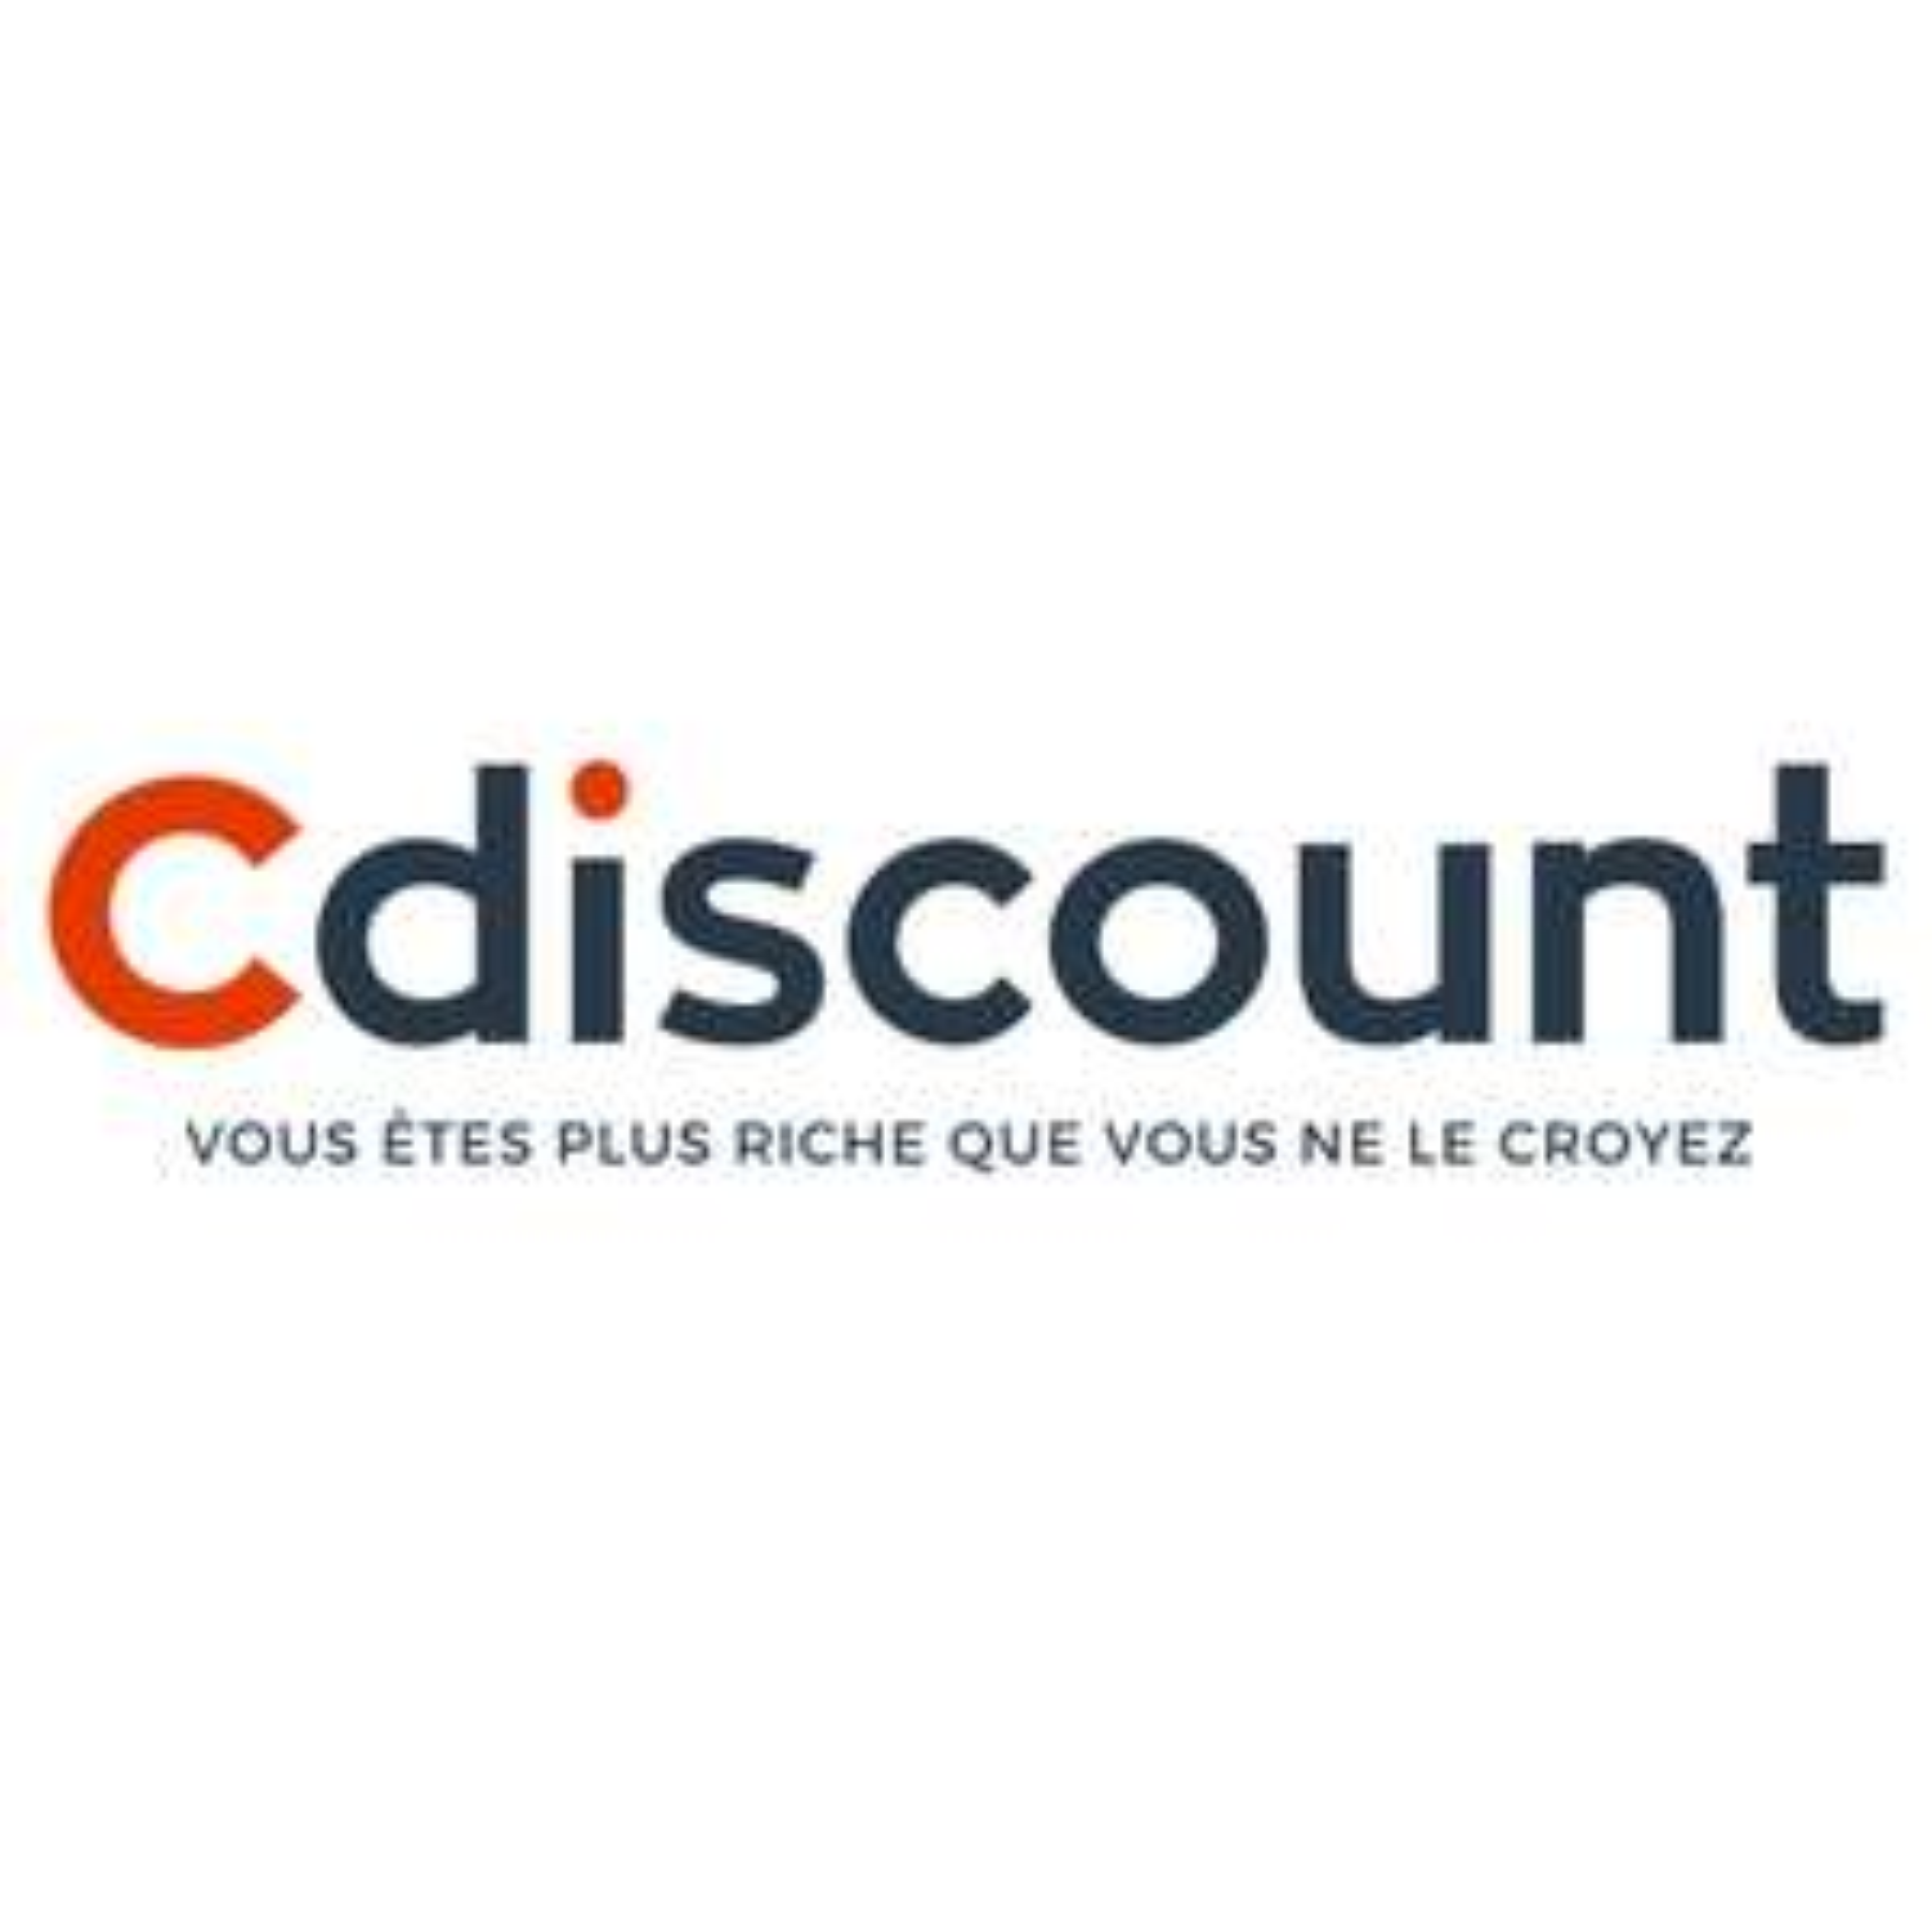 [Cdiscount à volonté] 100€ de réduction dès 699€ d'achat sur tout le site